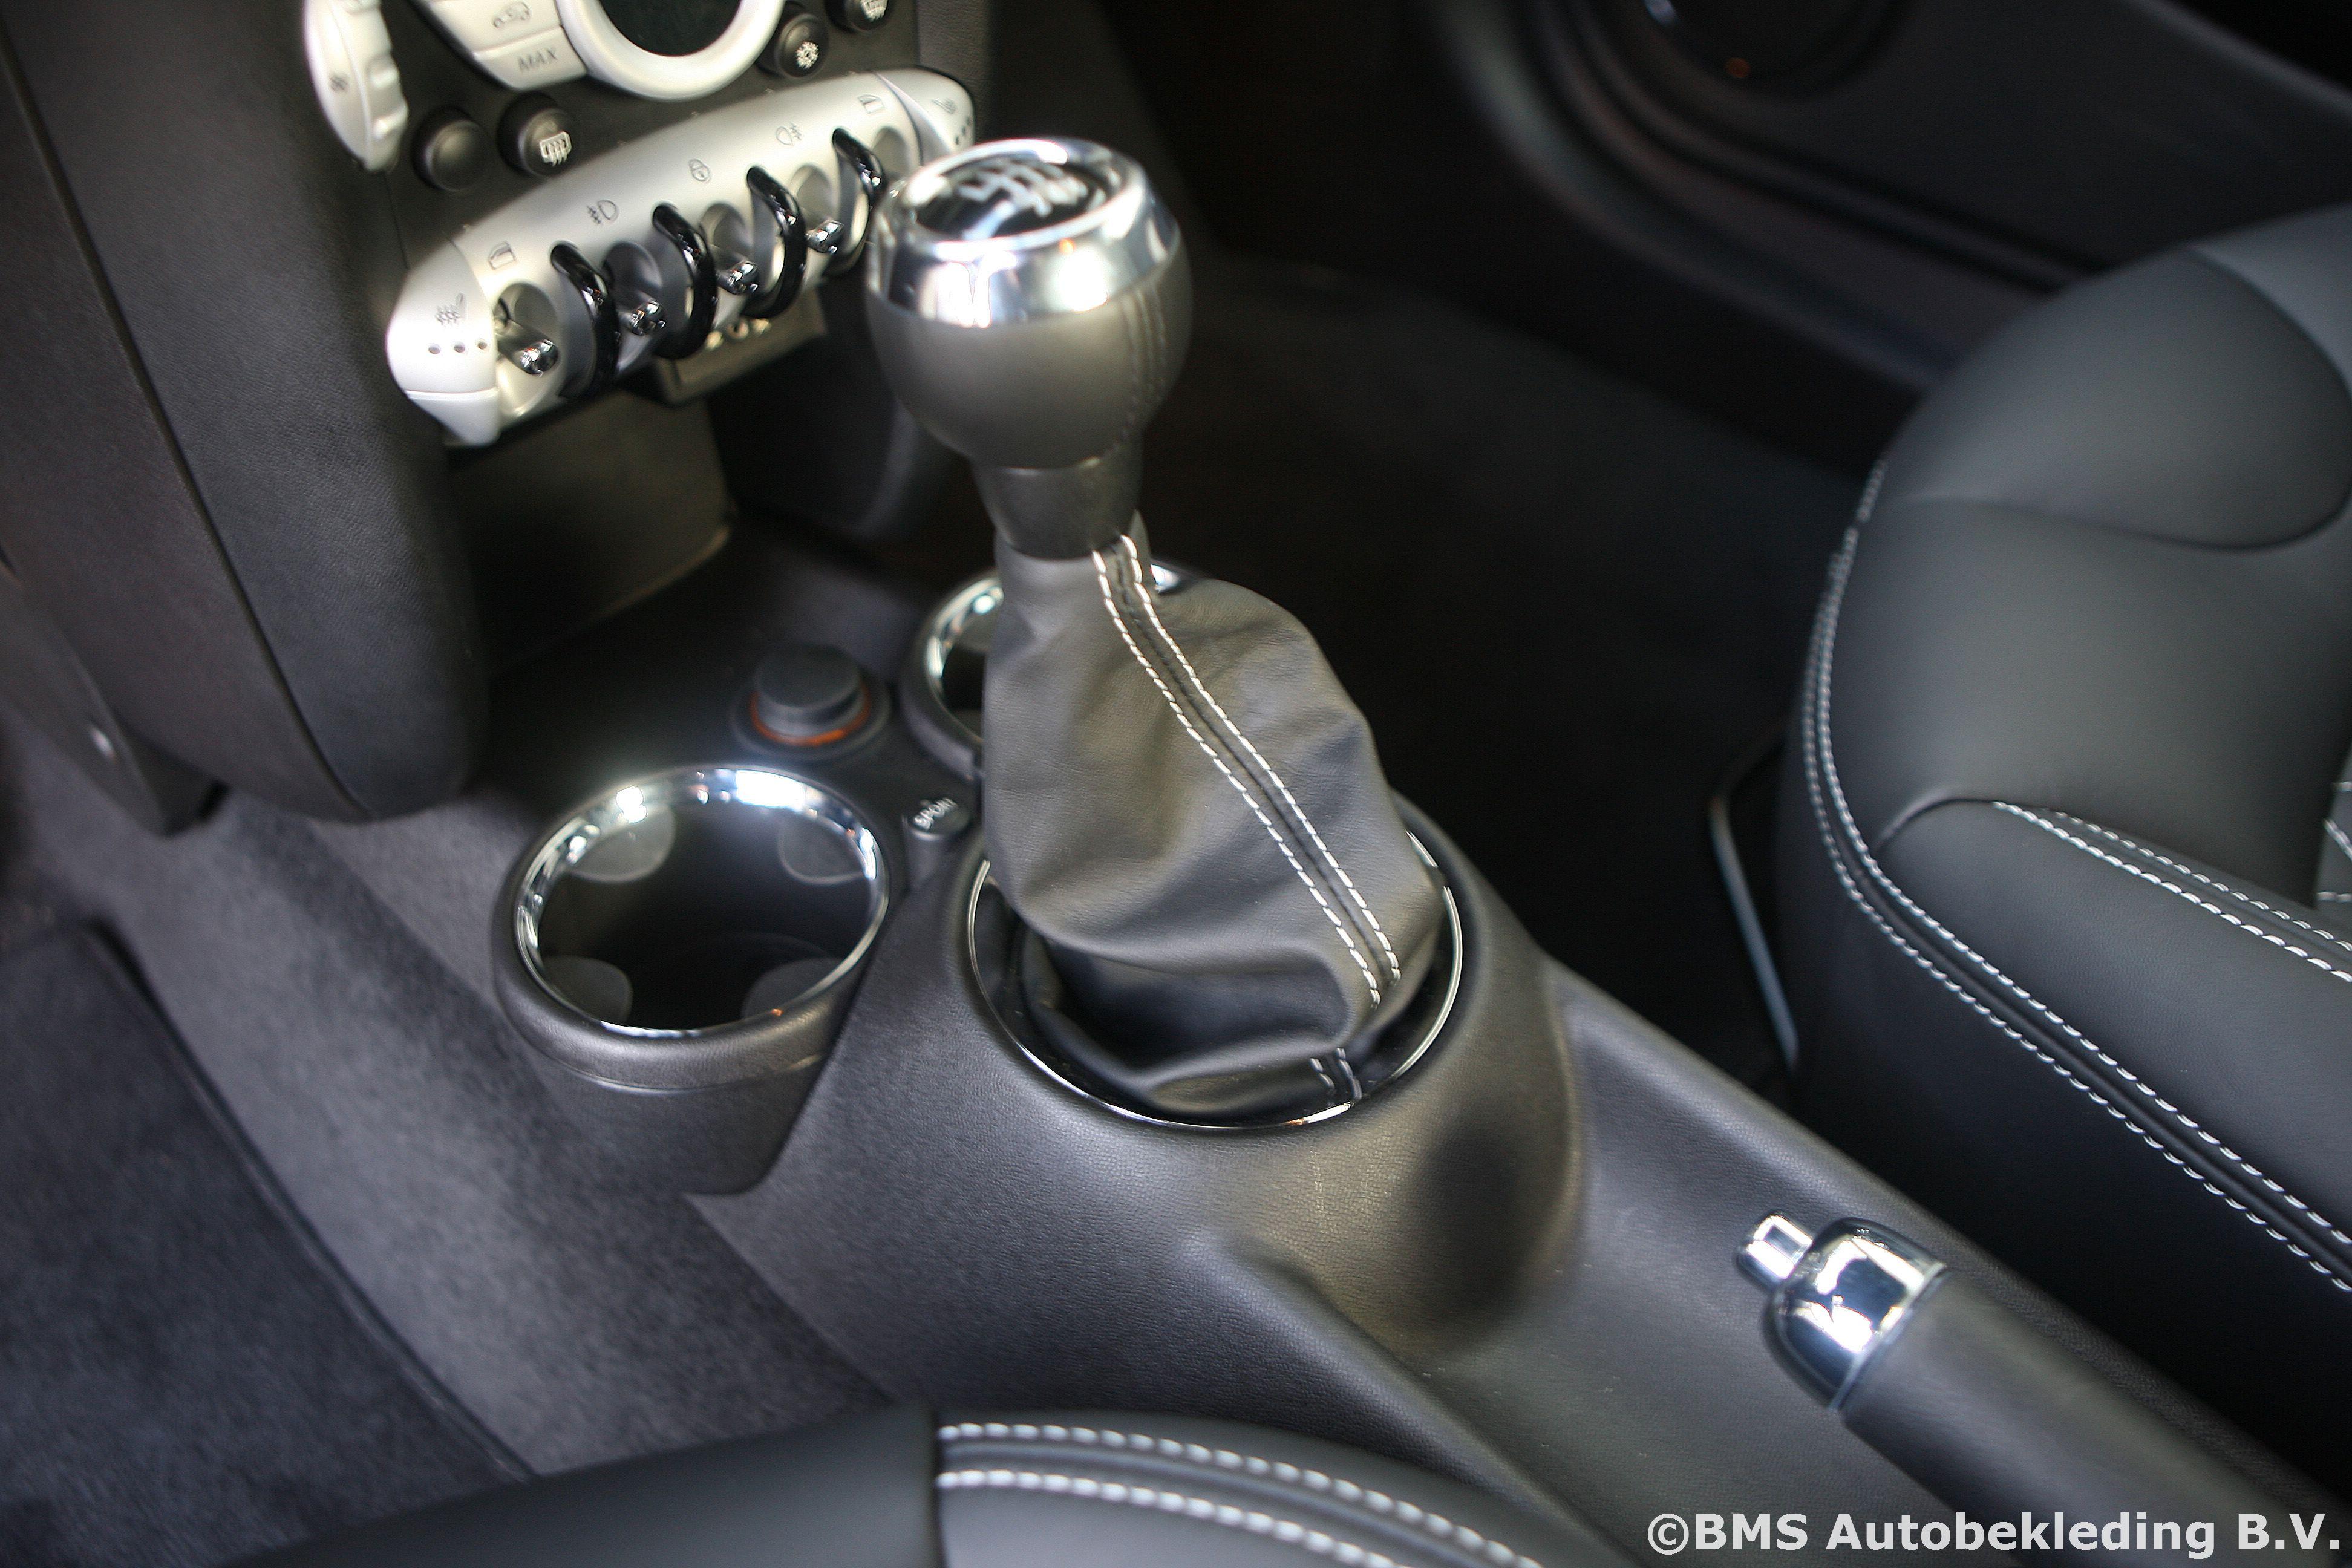 http://www.bmsautobekleding.nl/wp-content/uploads/2011/09/MINI-Cooper-S-2010-Tailor-Made-Aston-Martin-Kroymans-8.jpg